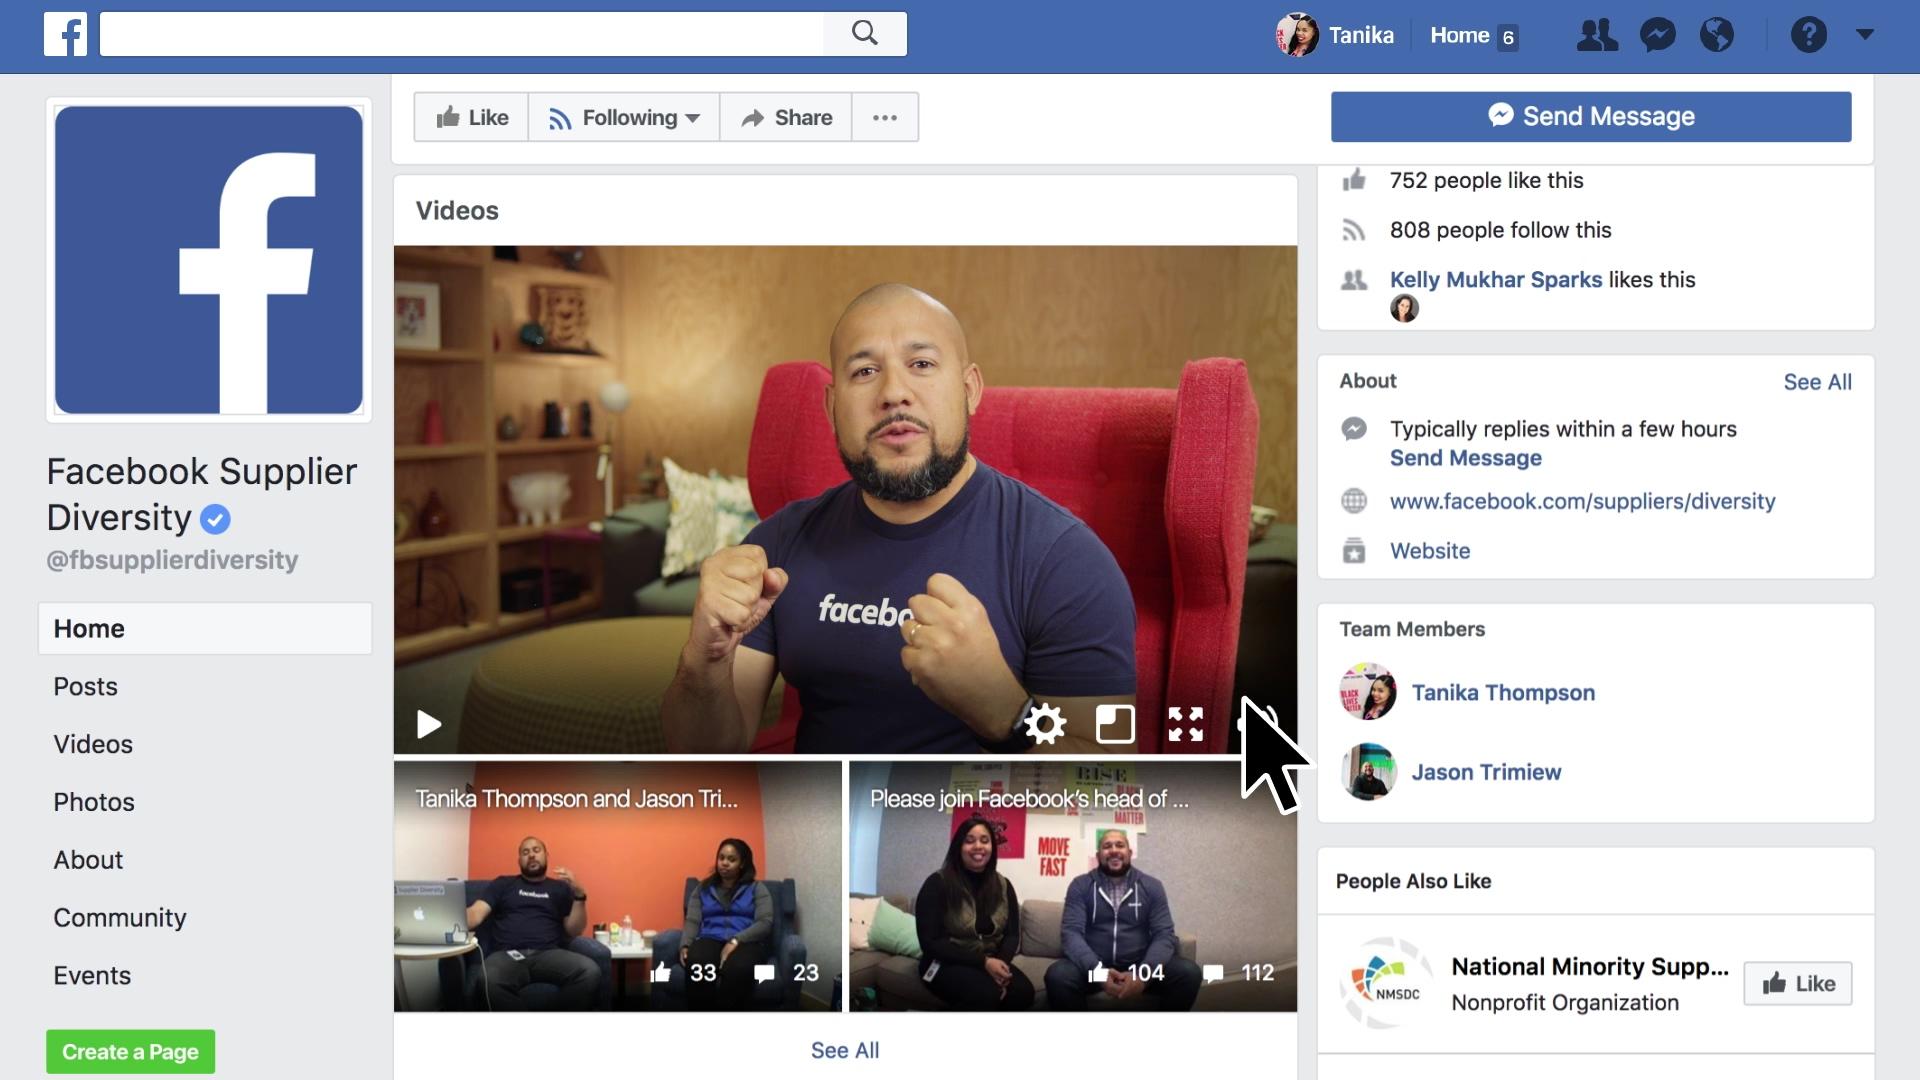 Facebook Supplier Diversity VMG Studios